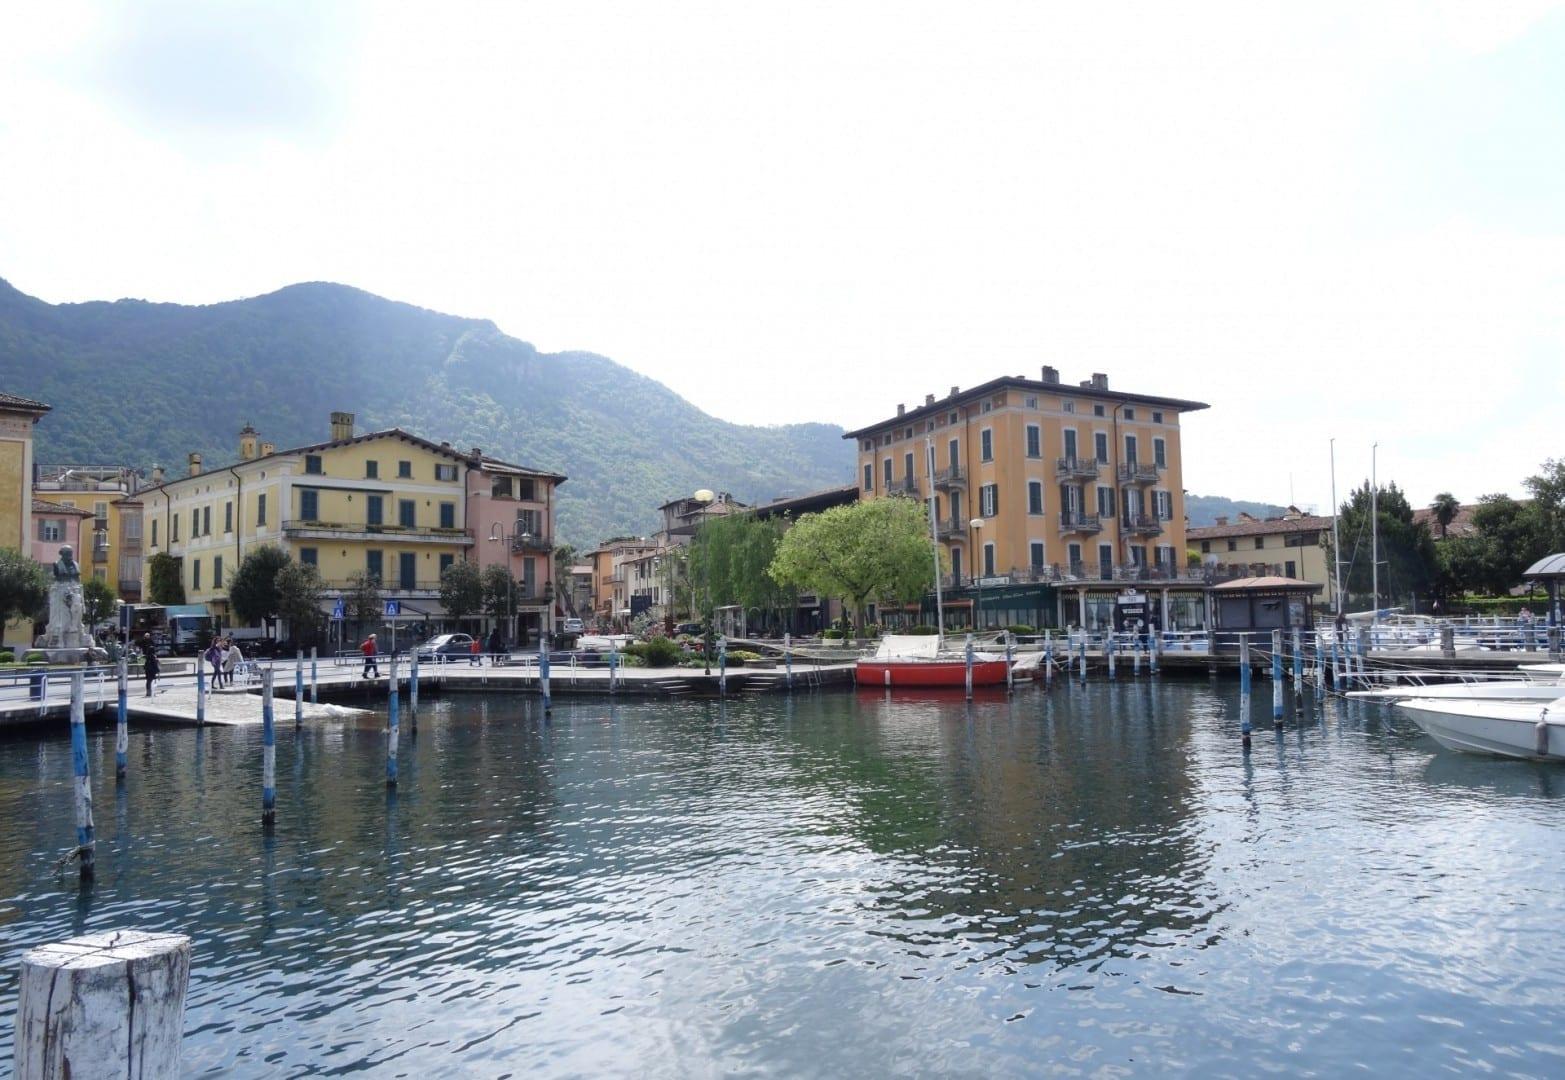 El puerto de Iseo con el Ristorante Leond'oro (edificio naranja) Lago Iseo Italia